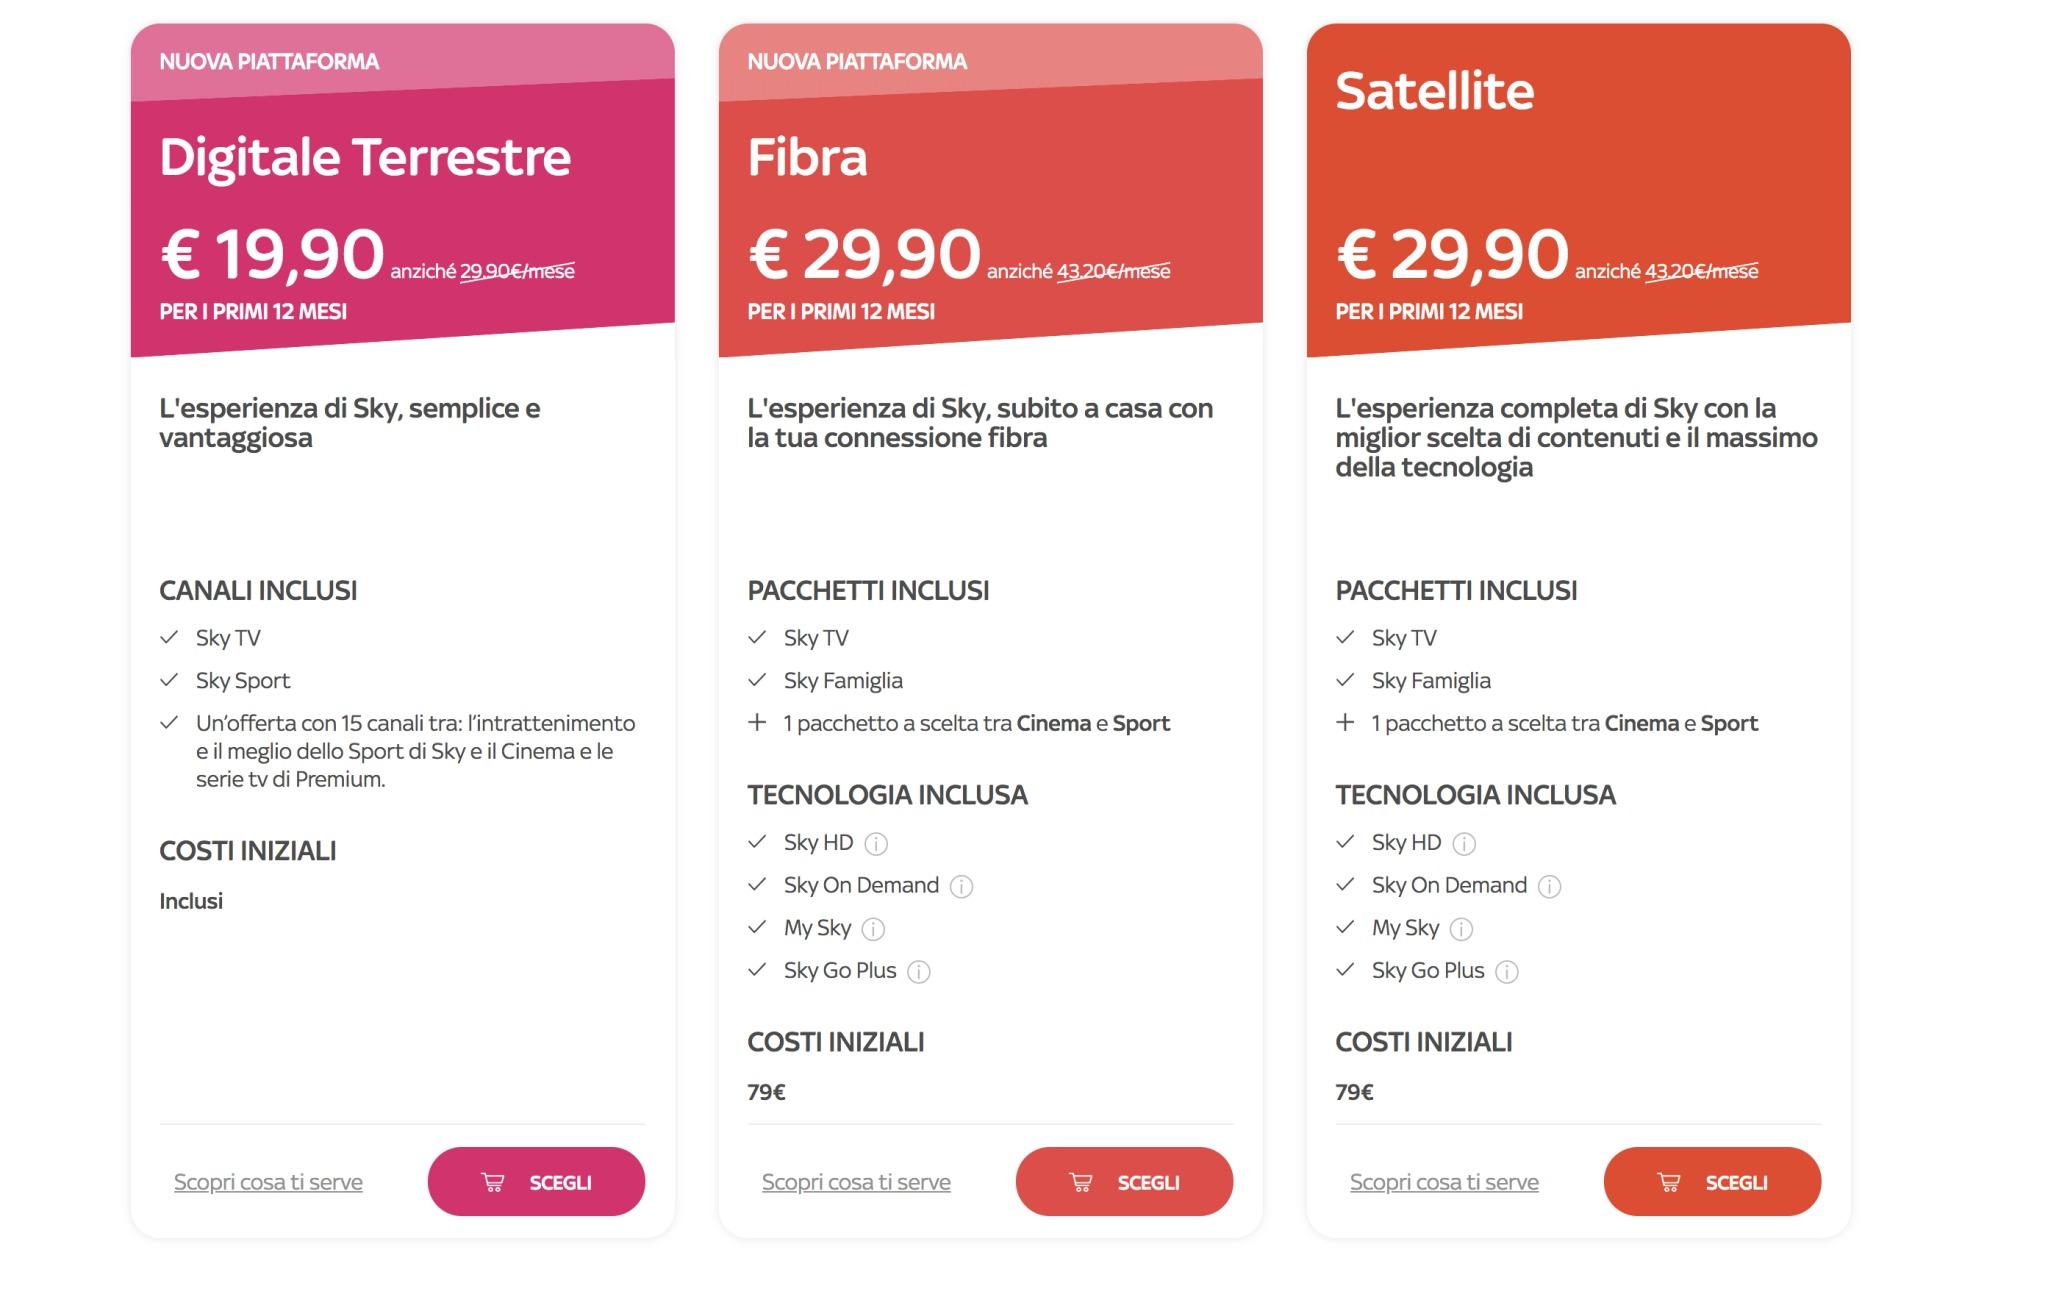 Sky via Fibra, il servizio per vedere la TV satellitare senza paraboa